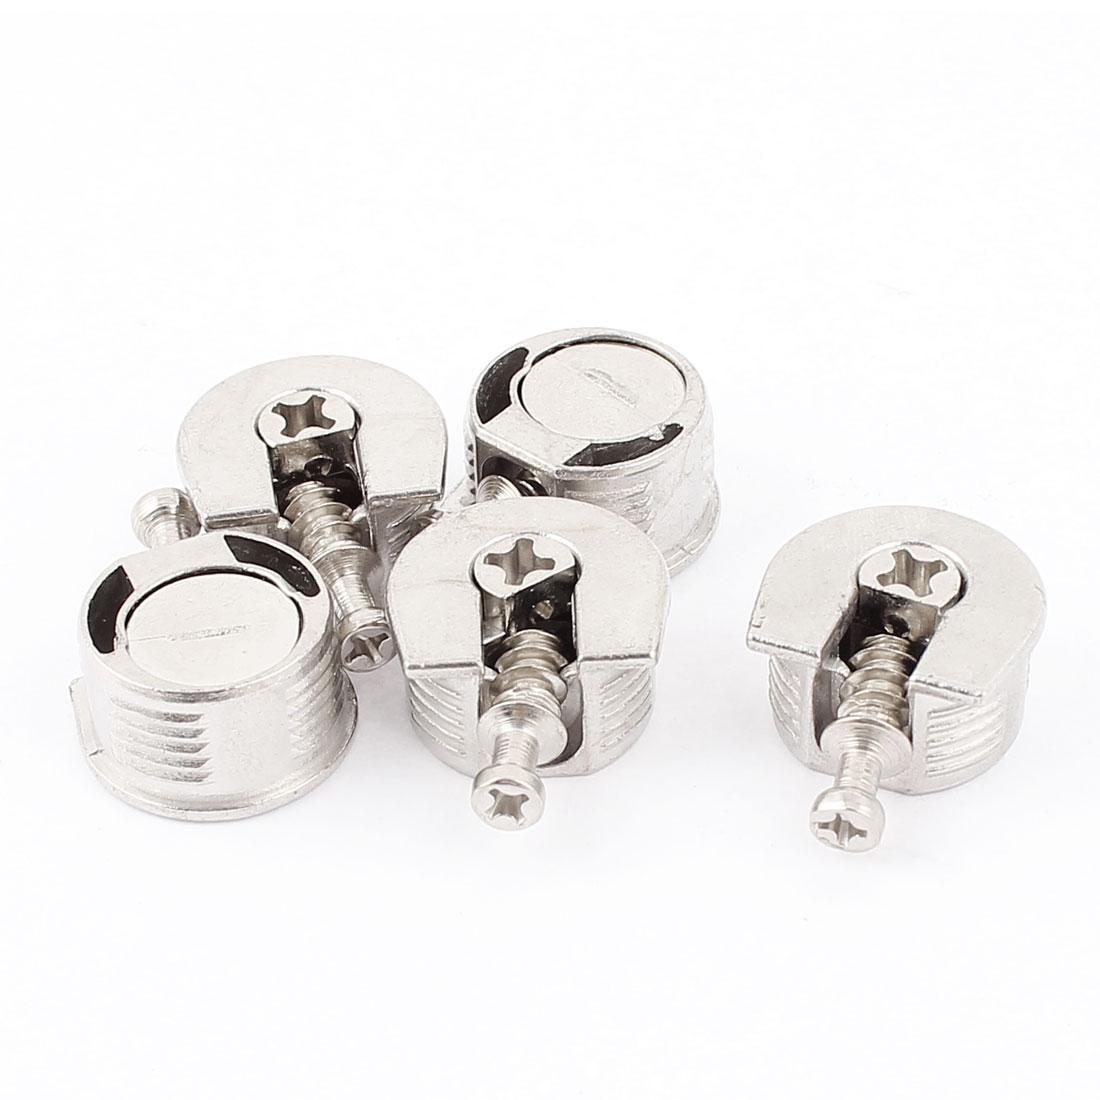 6mm Screw Diameter Metal Shelf Support Stud Pin Post Silver Tone 5pcs